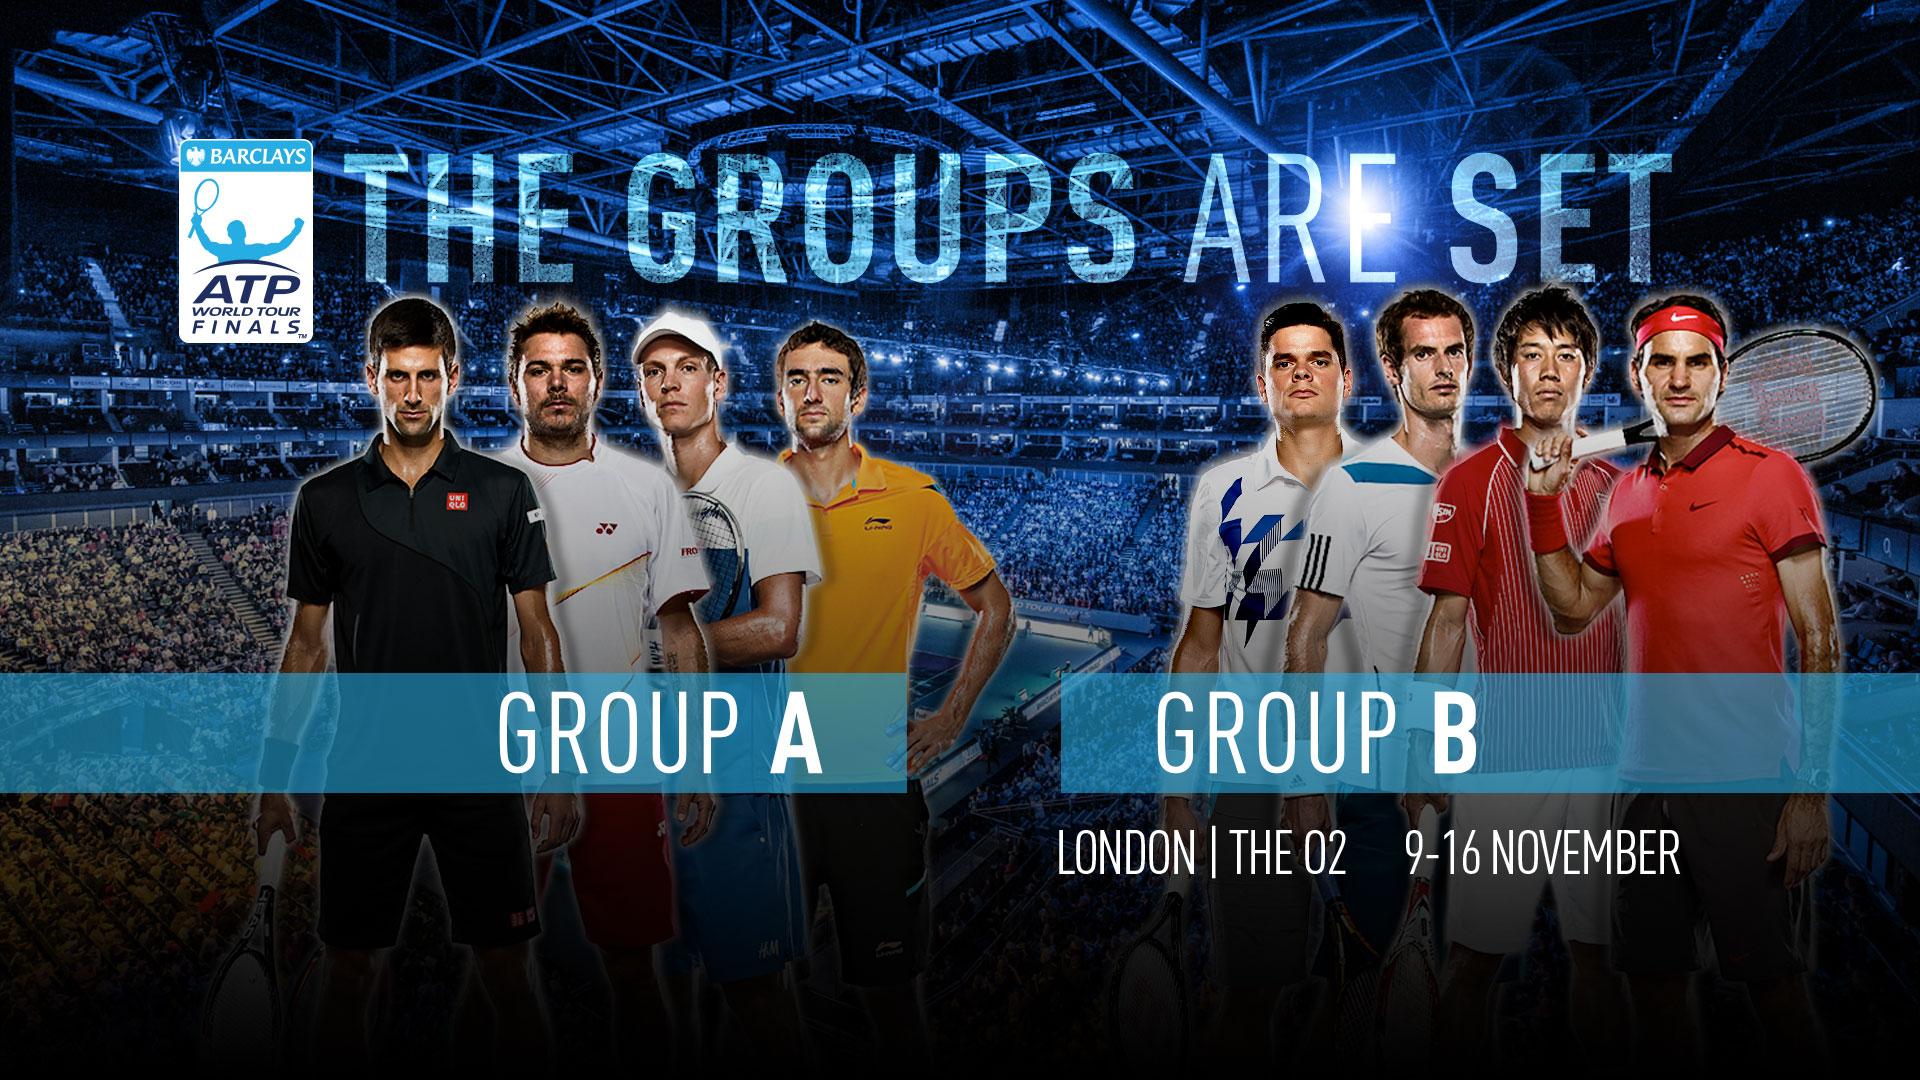 Atp World Finals